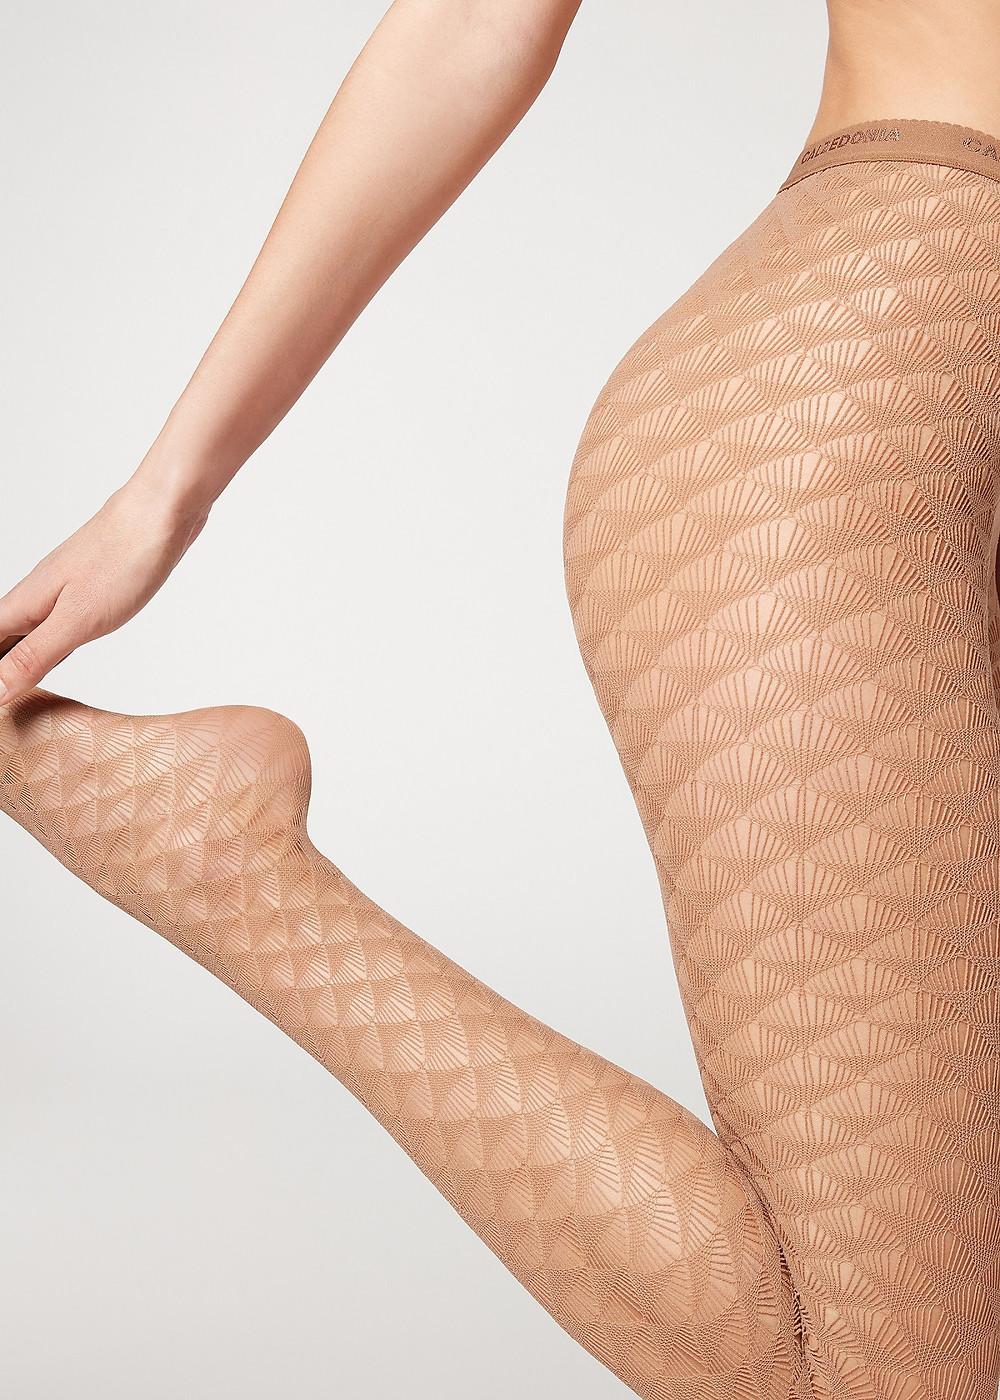 Calzedonia fishnet stockings.